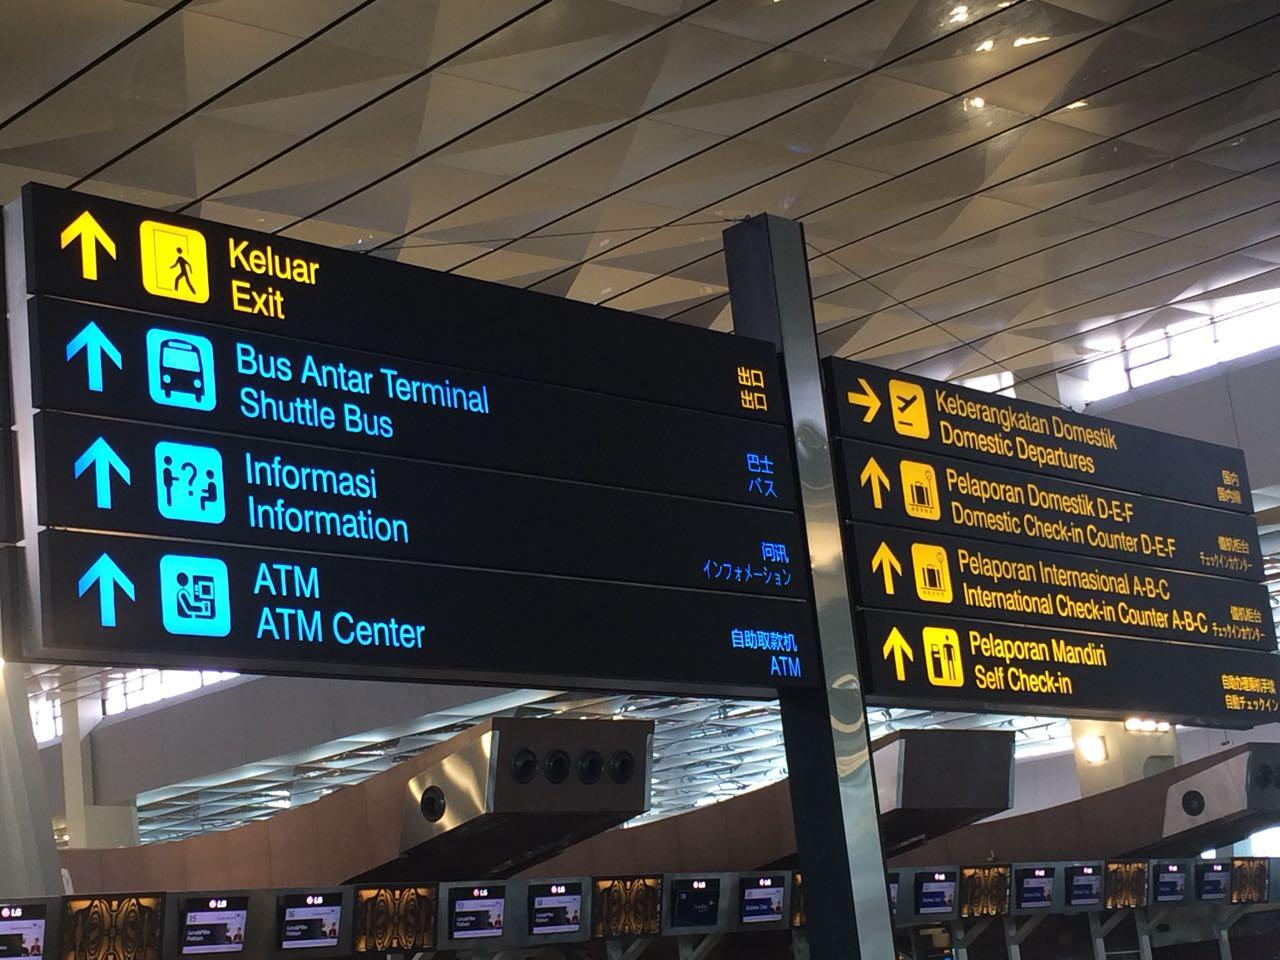 https: img.okezone.com content 2019 01 11 320 2003239 ap-ii-targetkan-kapasitas-penerbangan-200-000-penumpang-tahun-di-bandara-soedirman-YdtuHKMmVT.jpg